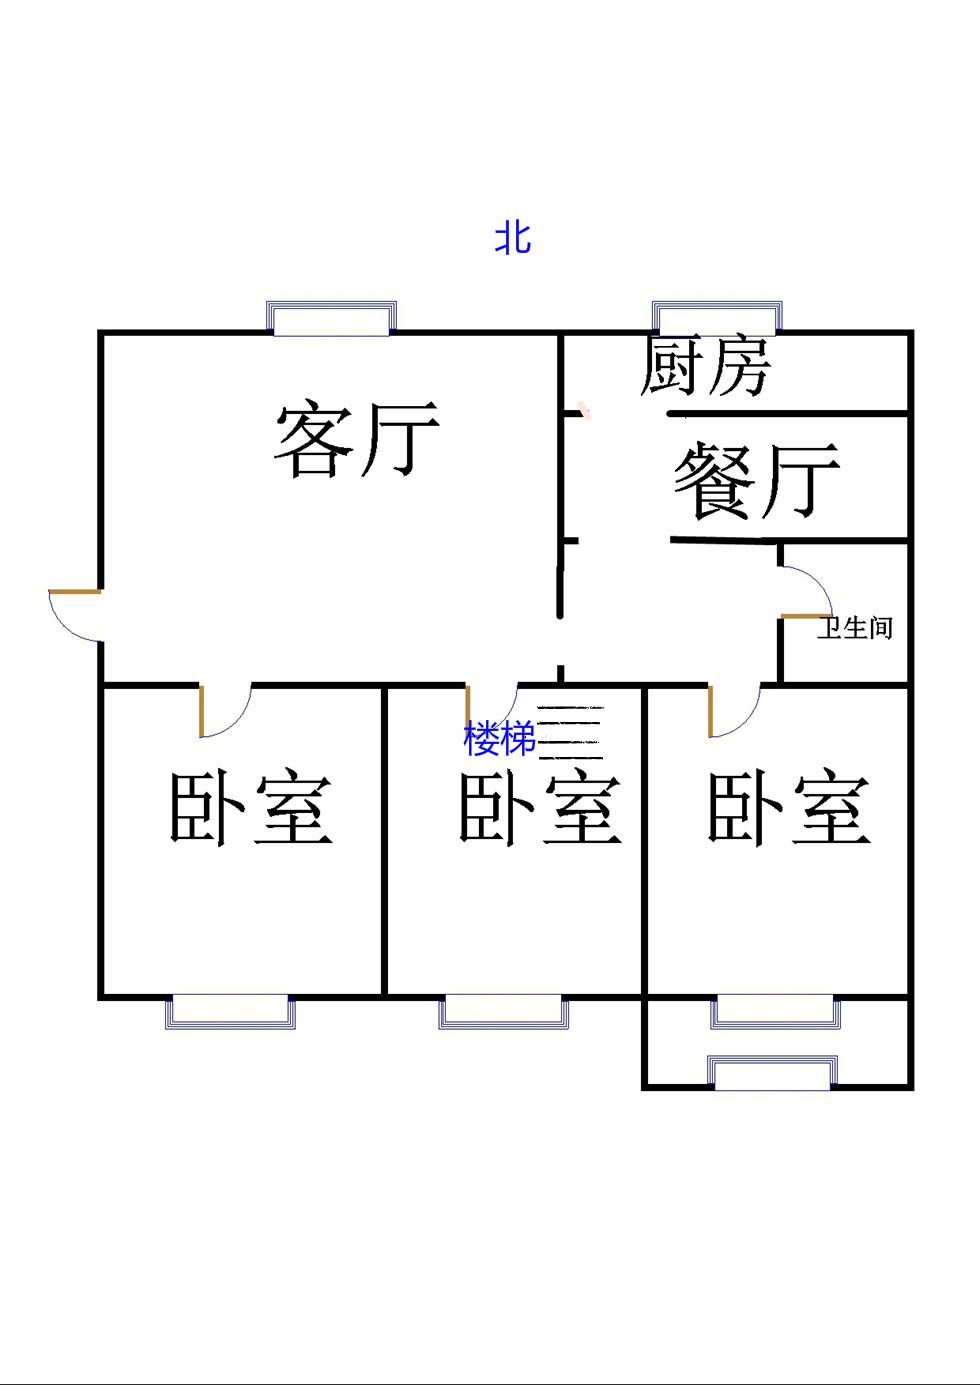 阳光花园小区 3室2厅 6楼